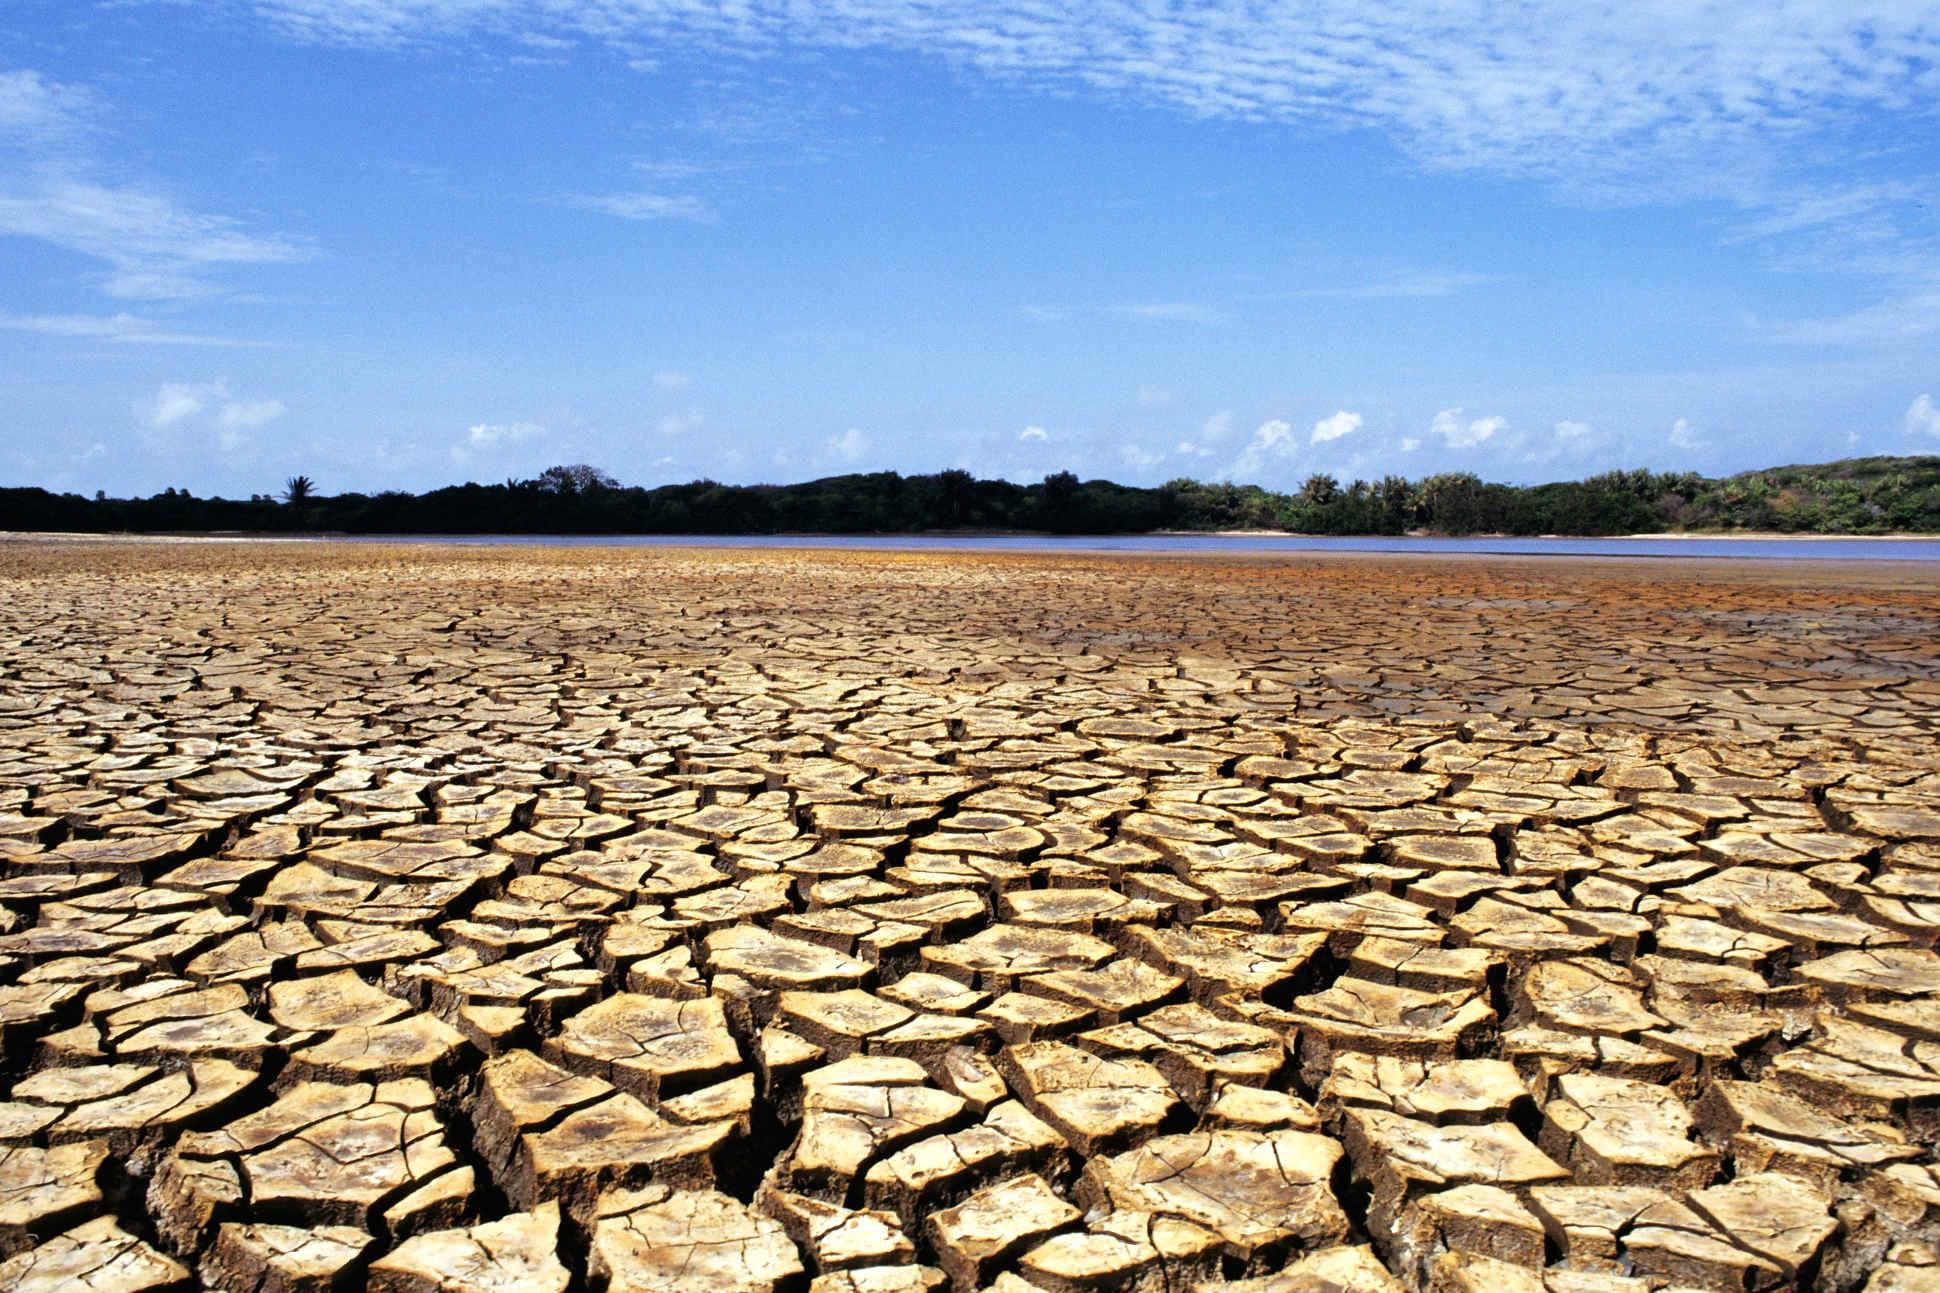 Wenig Wasser: Trockenflächen am Amazonas